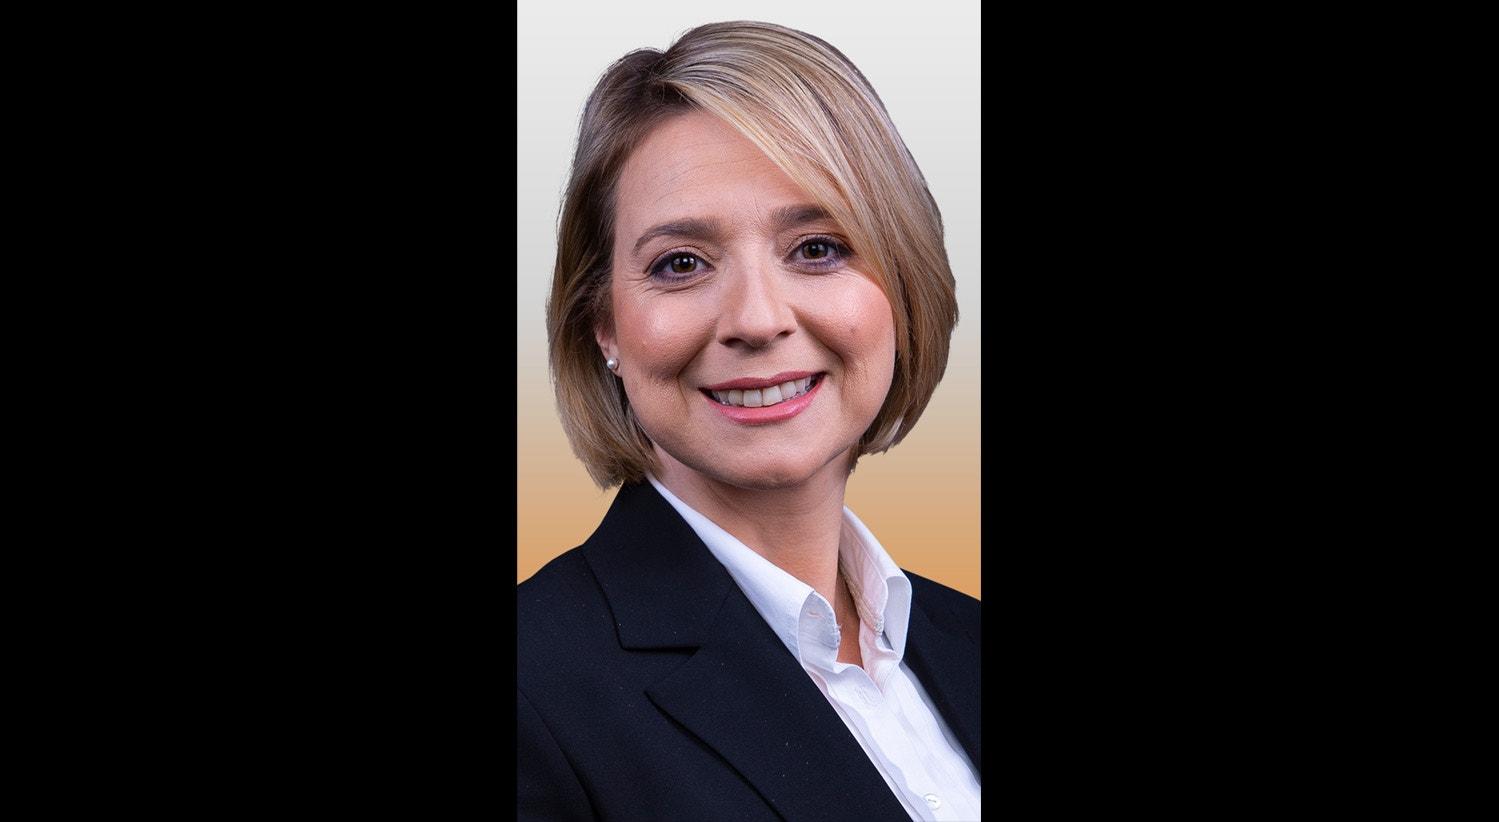 Cláudia Monteiro de Aguiar, PSD - 2.º mandato